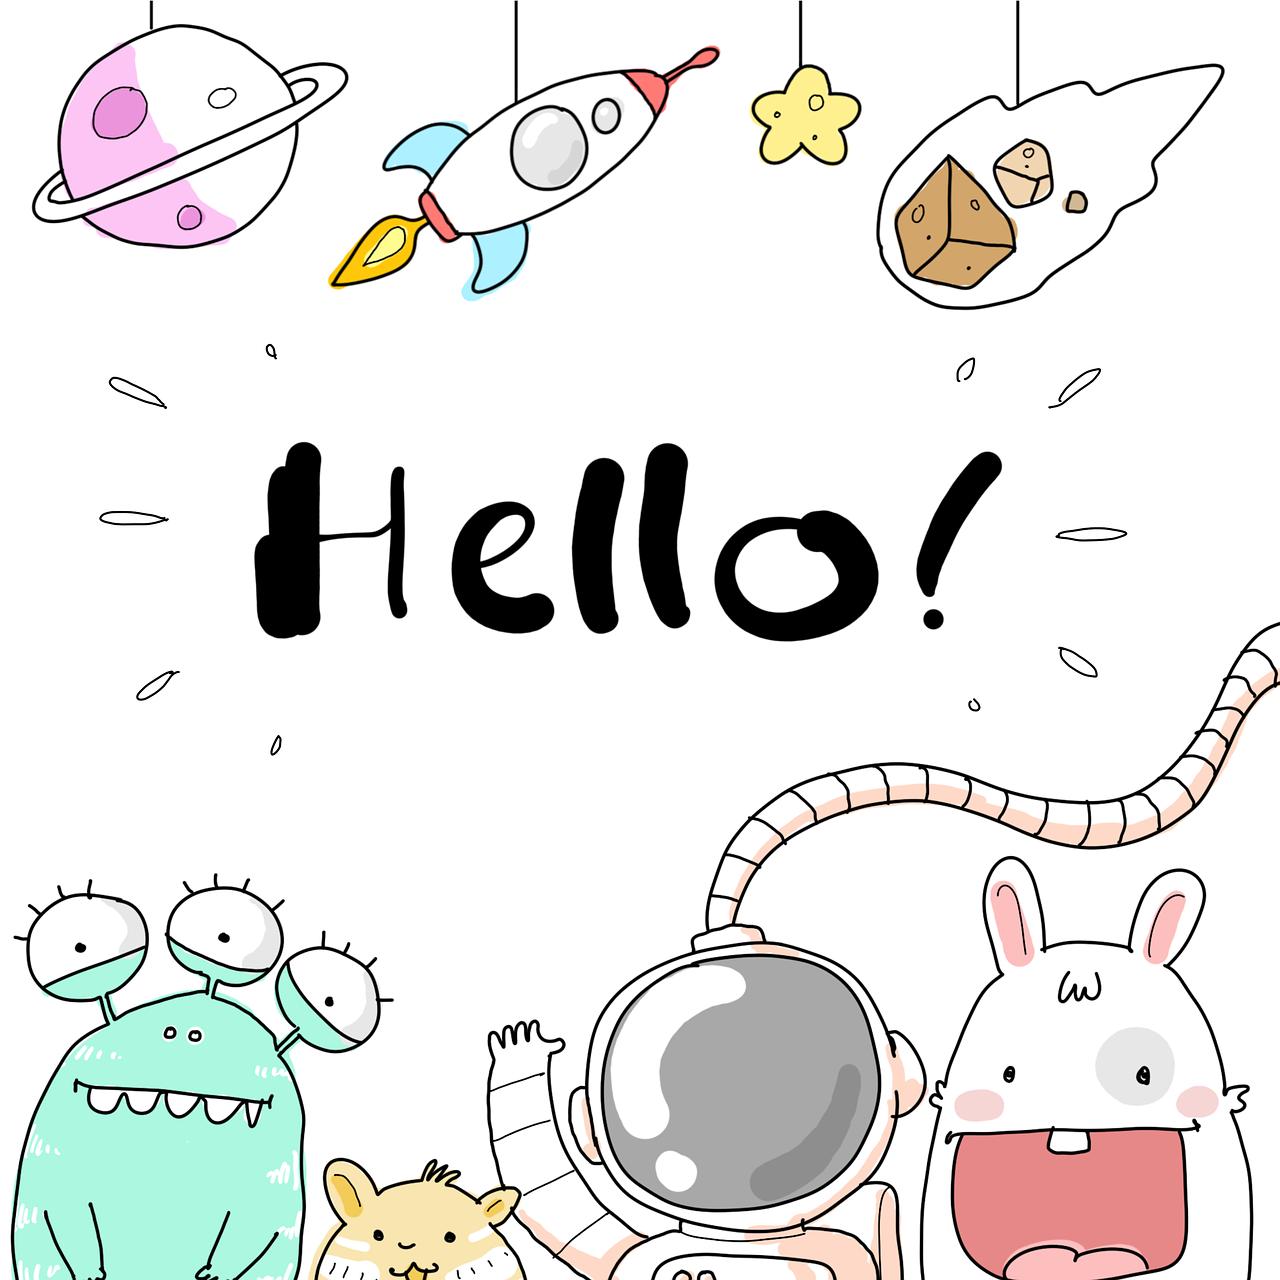 toys, astronaut, rocket